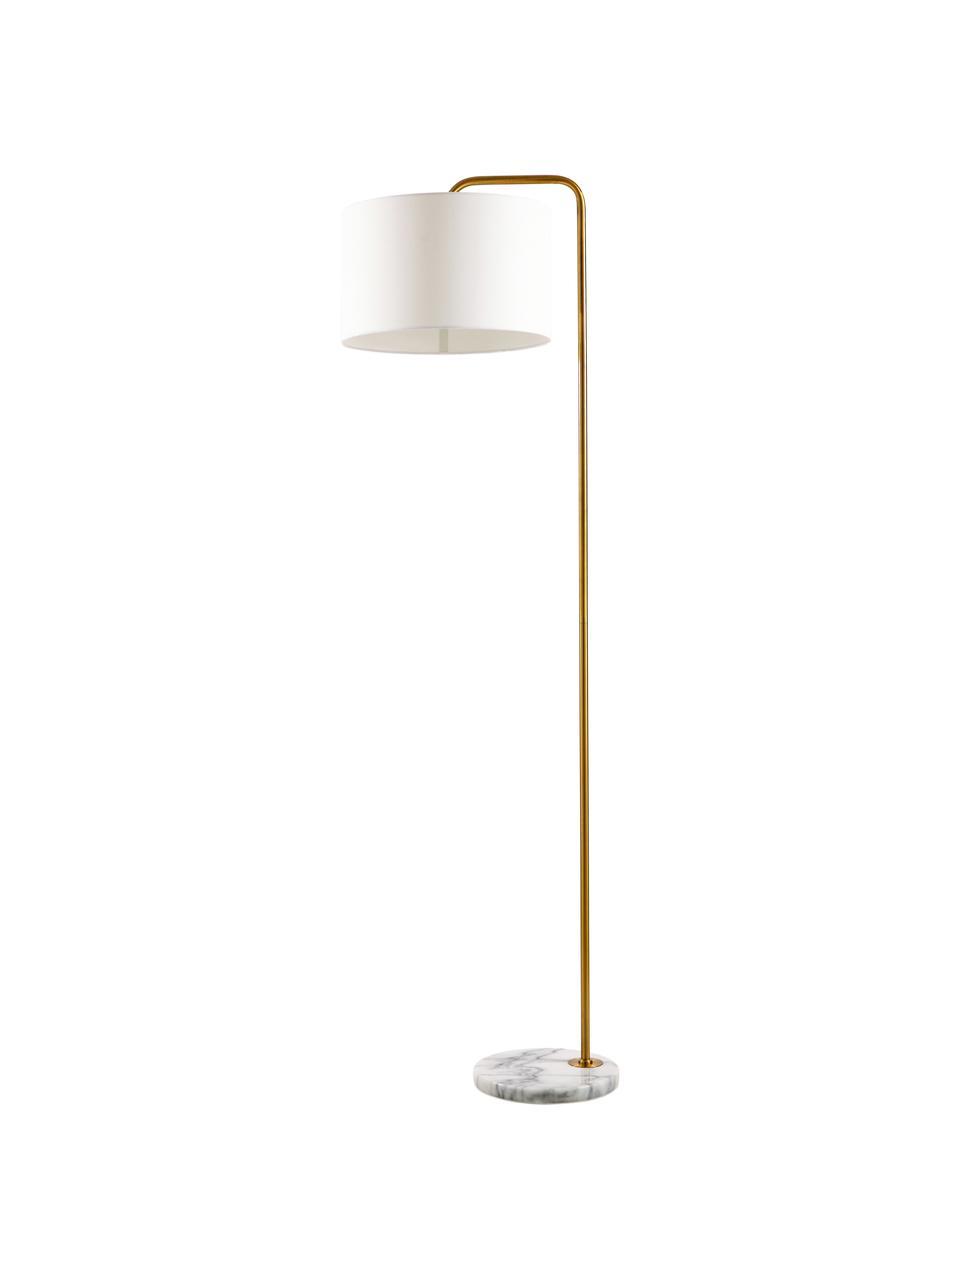 Stehlampe Montreal mit Marmorfuß, Lampenschirm: Textil, Lampenfuß: Marmor, Gestell: Metall, galvanisiert, Weiß, Goldfarben, Ø 35 x H 155 cm